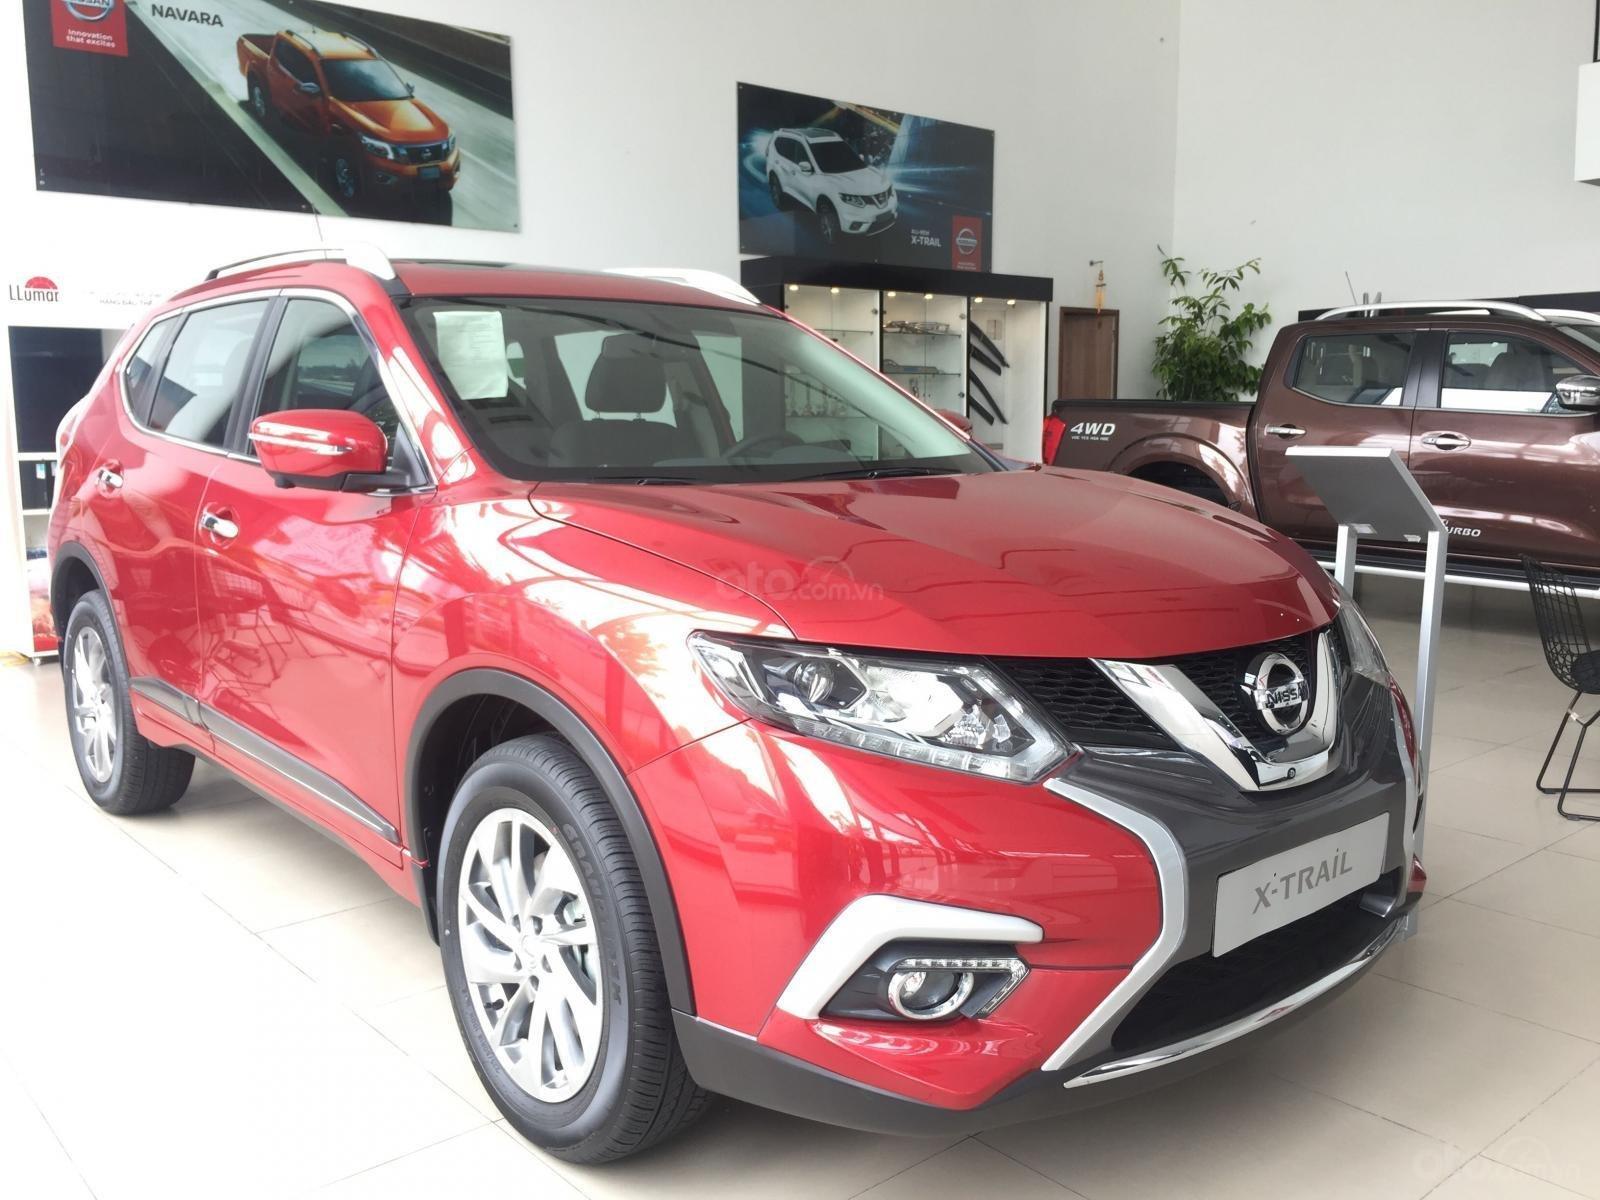 Nissan Việt Nam khuyến mại tháng 10/2019: Nissan Terra ưu đãi 40 triệu đồng a1